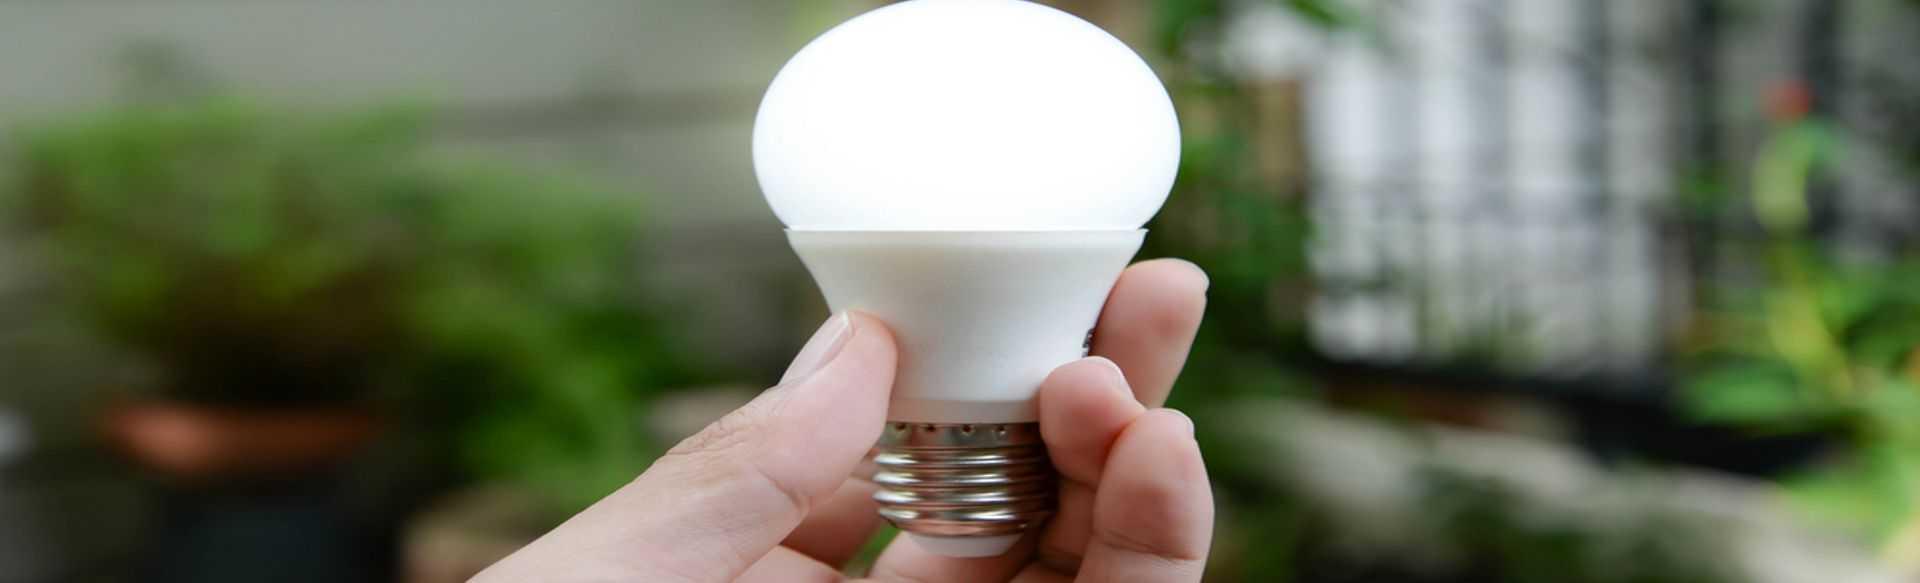 Como economizar na conta de luz? confira 12 dicas obrigatórias!